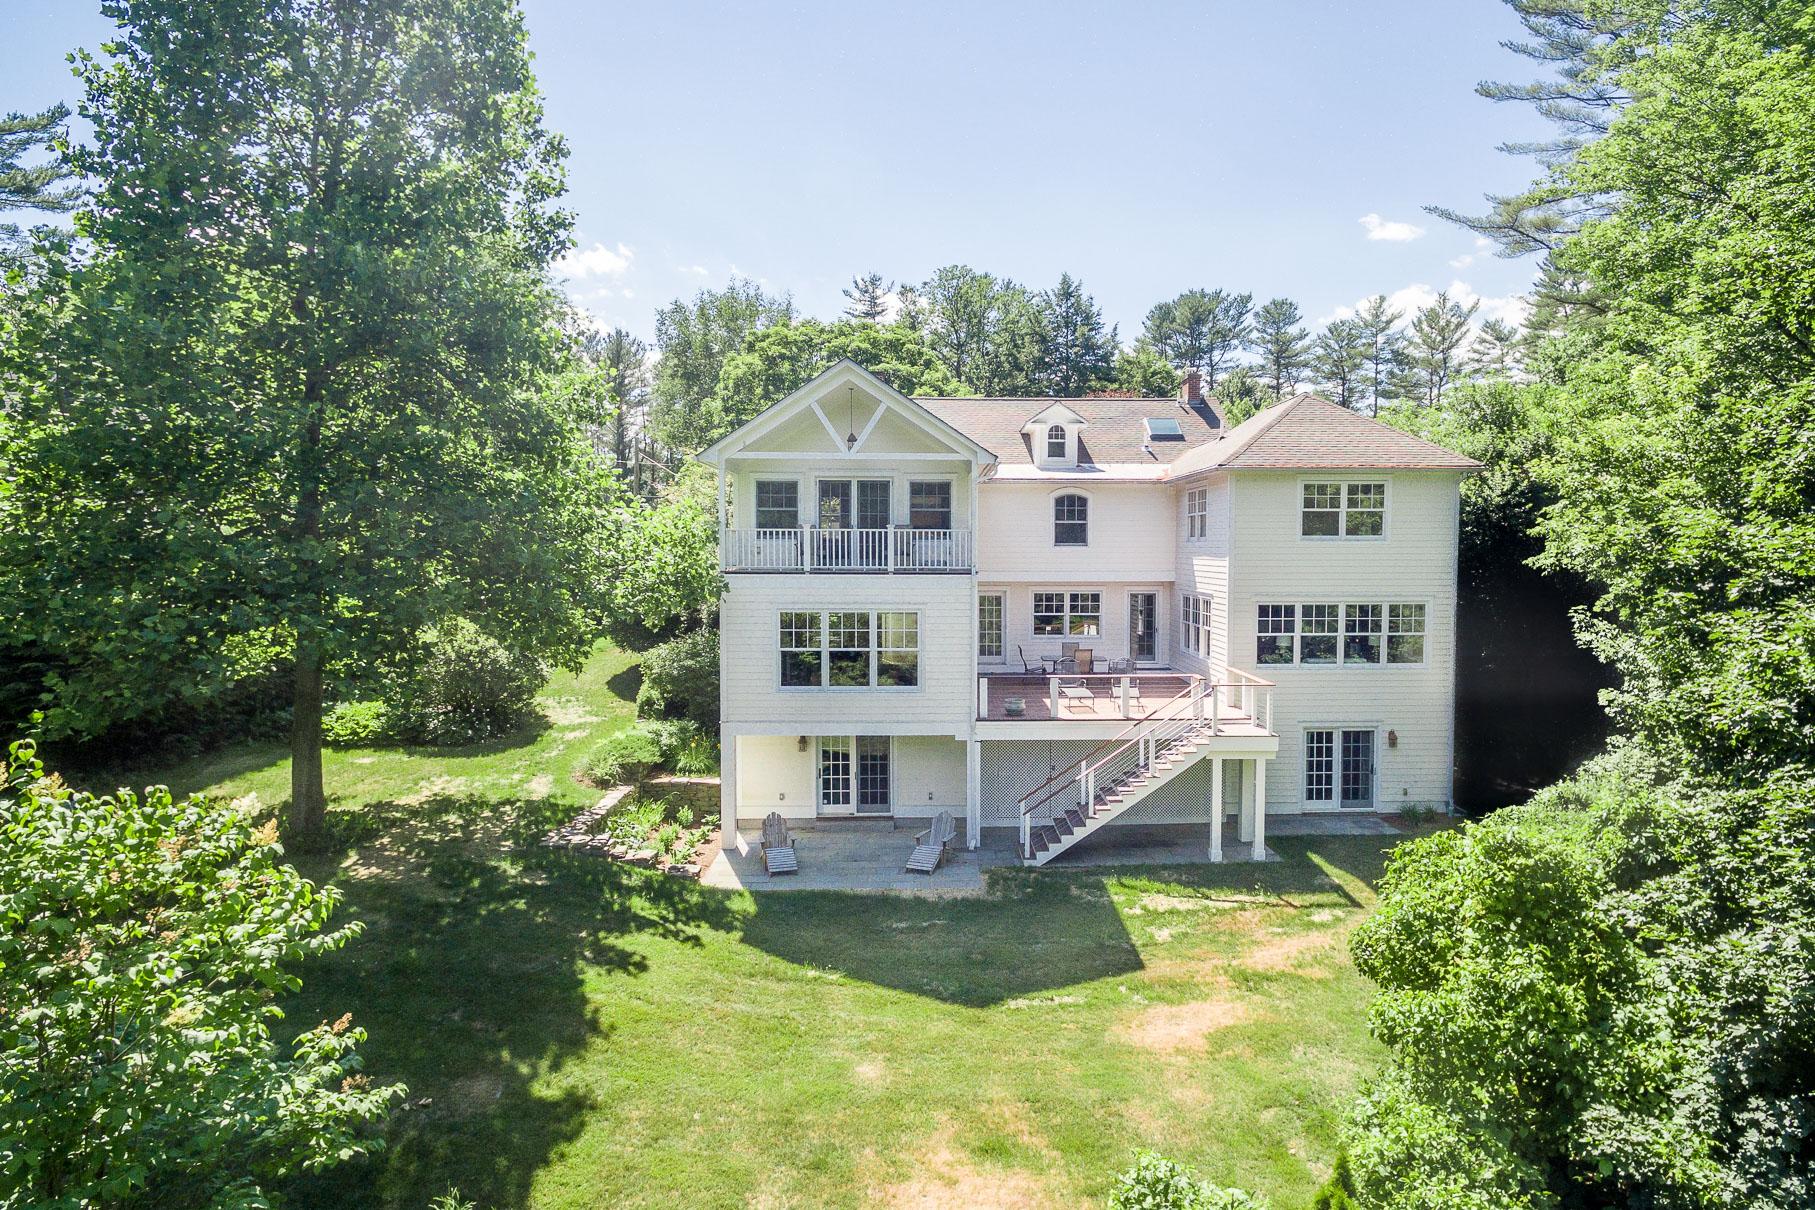 단독 가정 주택 용 매매 에 11 Downing Rd, Hanover Hanover, 뉴햄프셔, 03755 미국